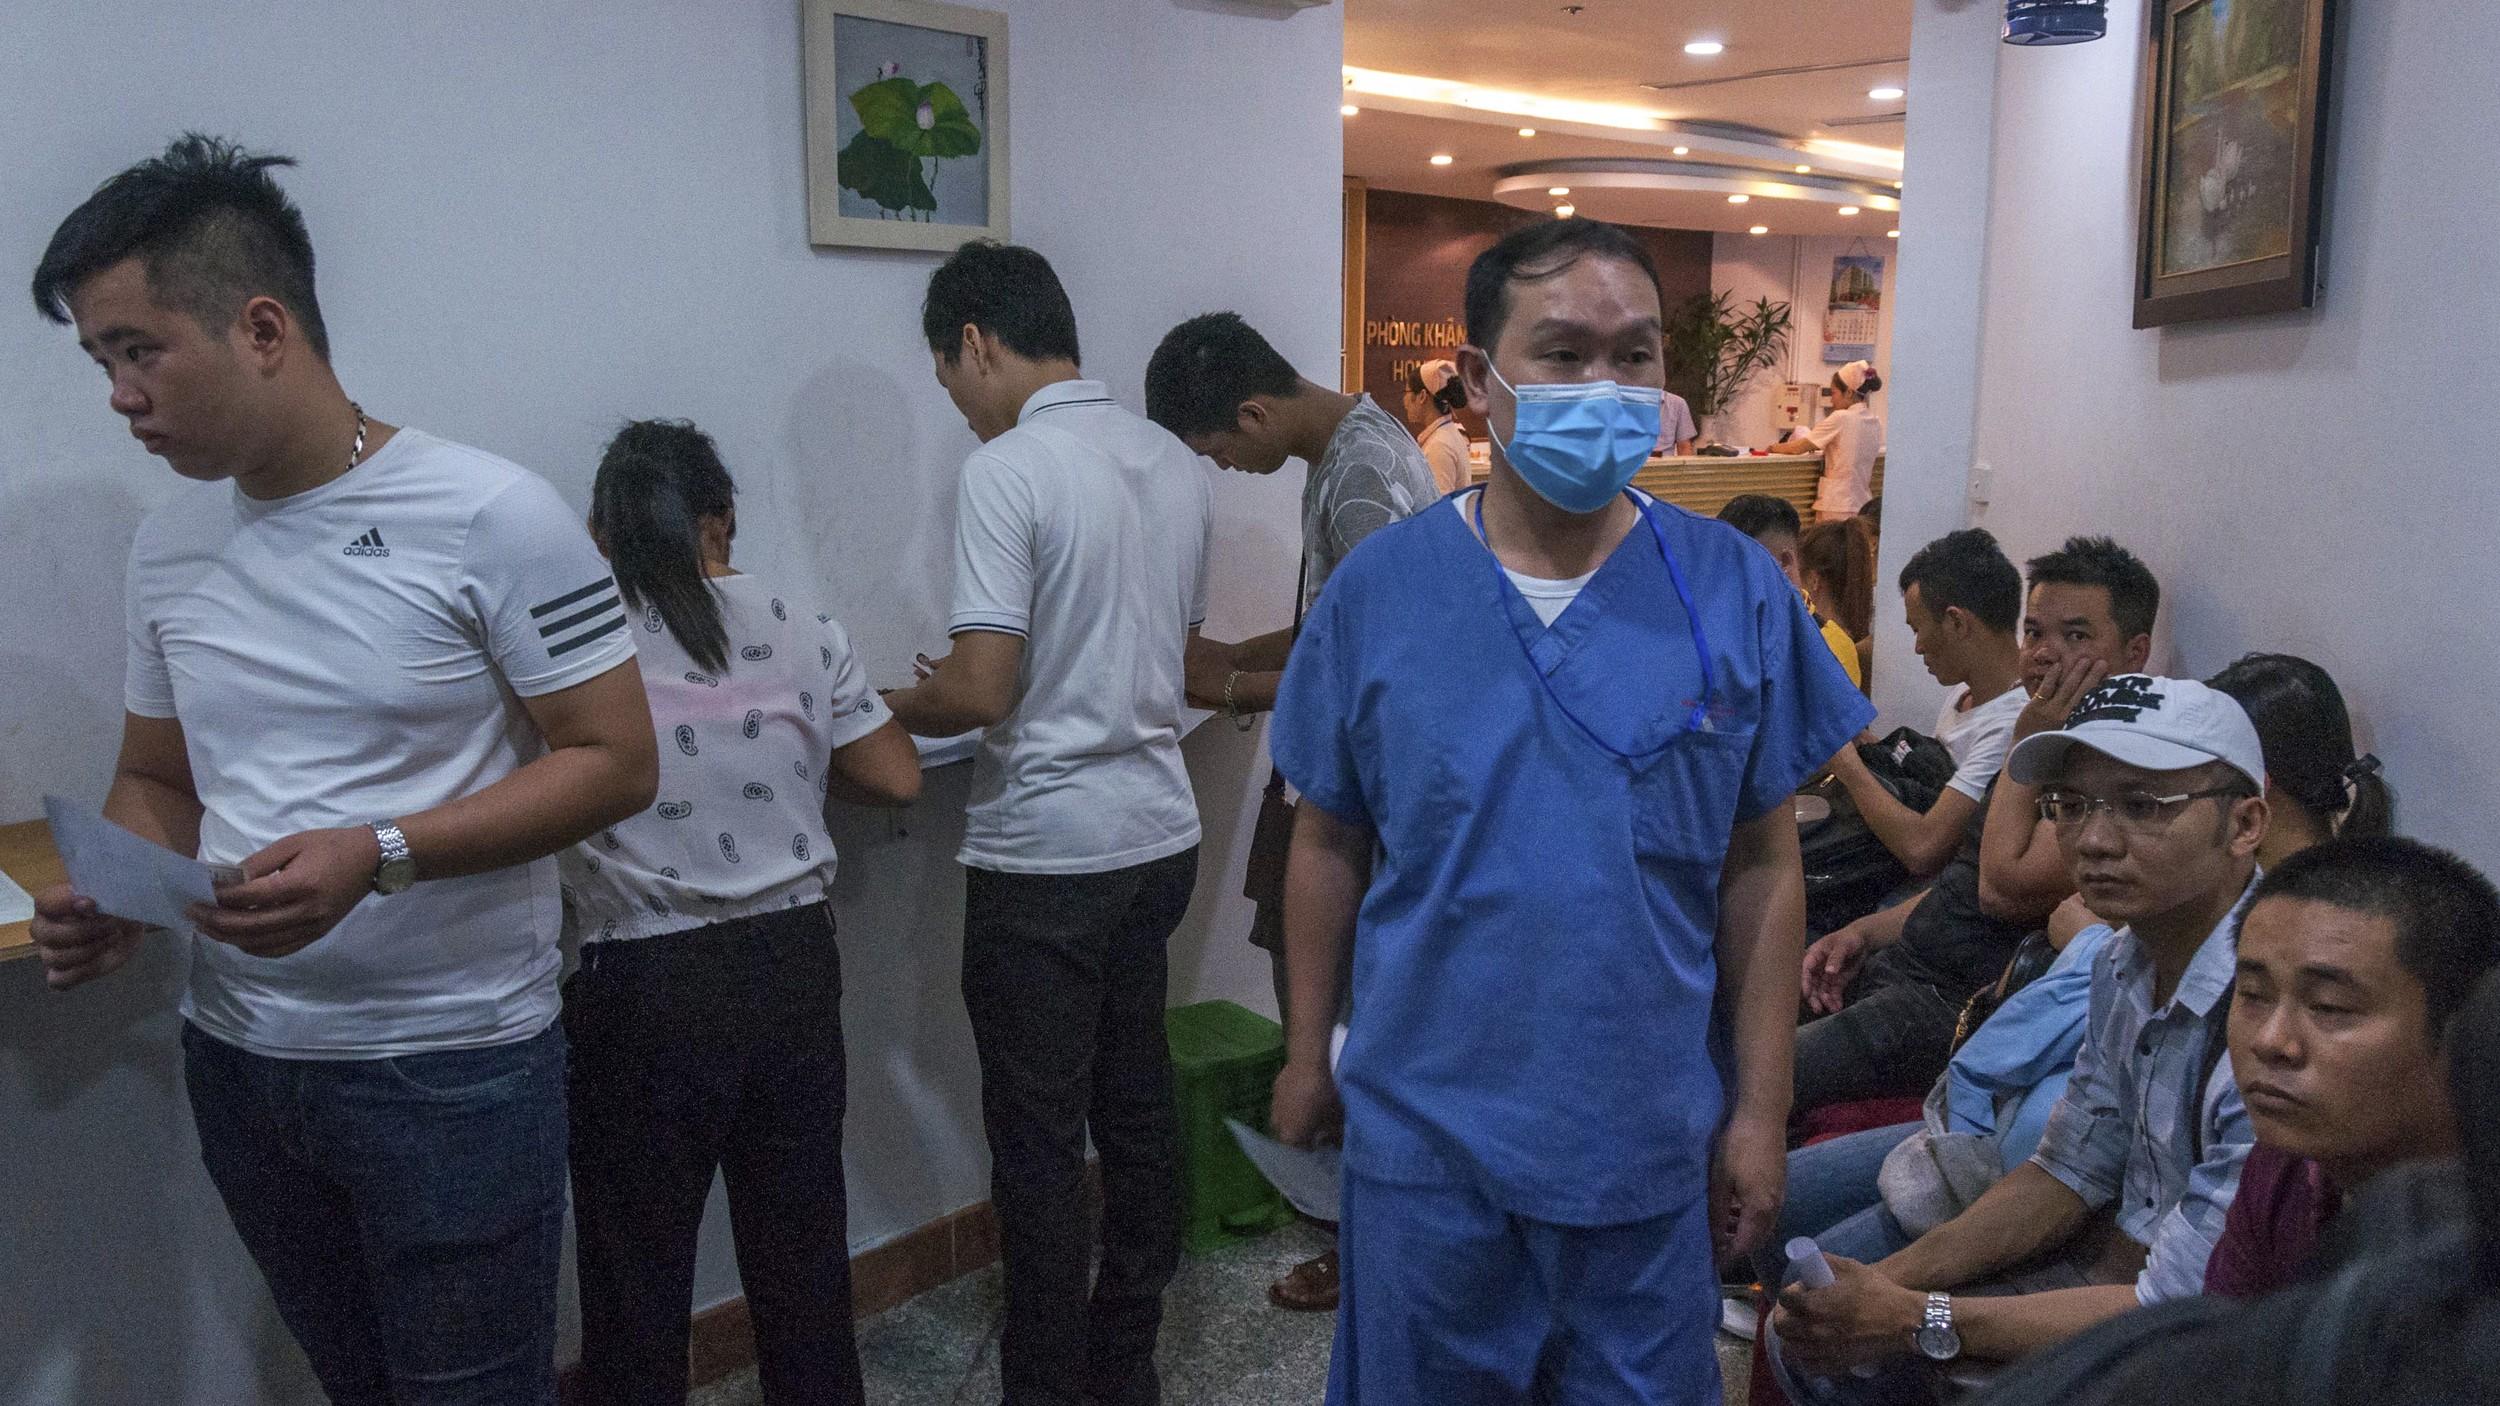 图说:河内一间专做越南劳工来台工作的体检医院,平日上午挤满等候检查的工人。(摄影/简永达)